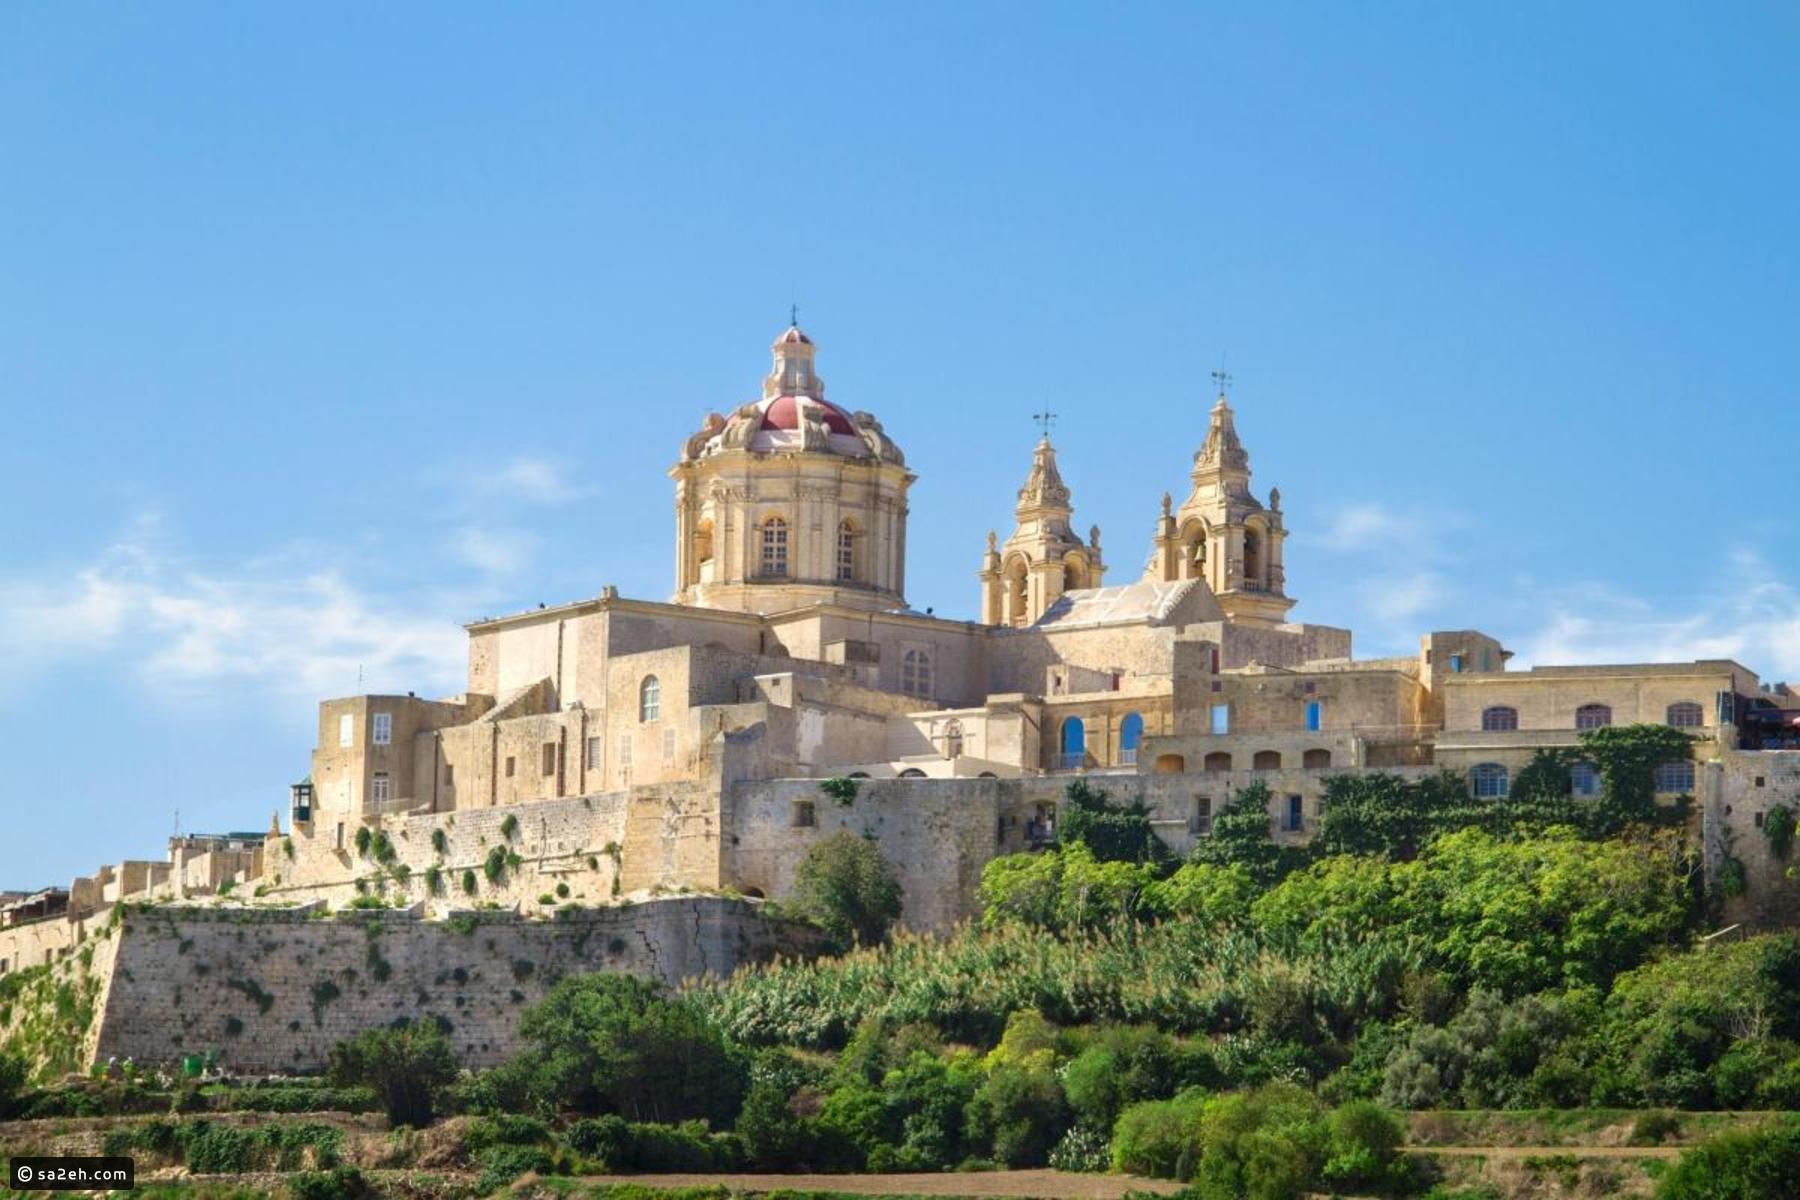 السياحة في فاليتا مالطا: آثارها التاريخية بجانب طبيتها الخلابة